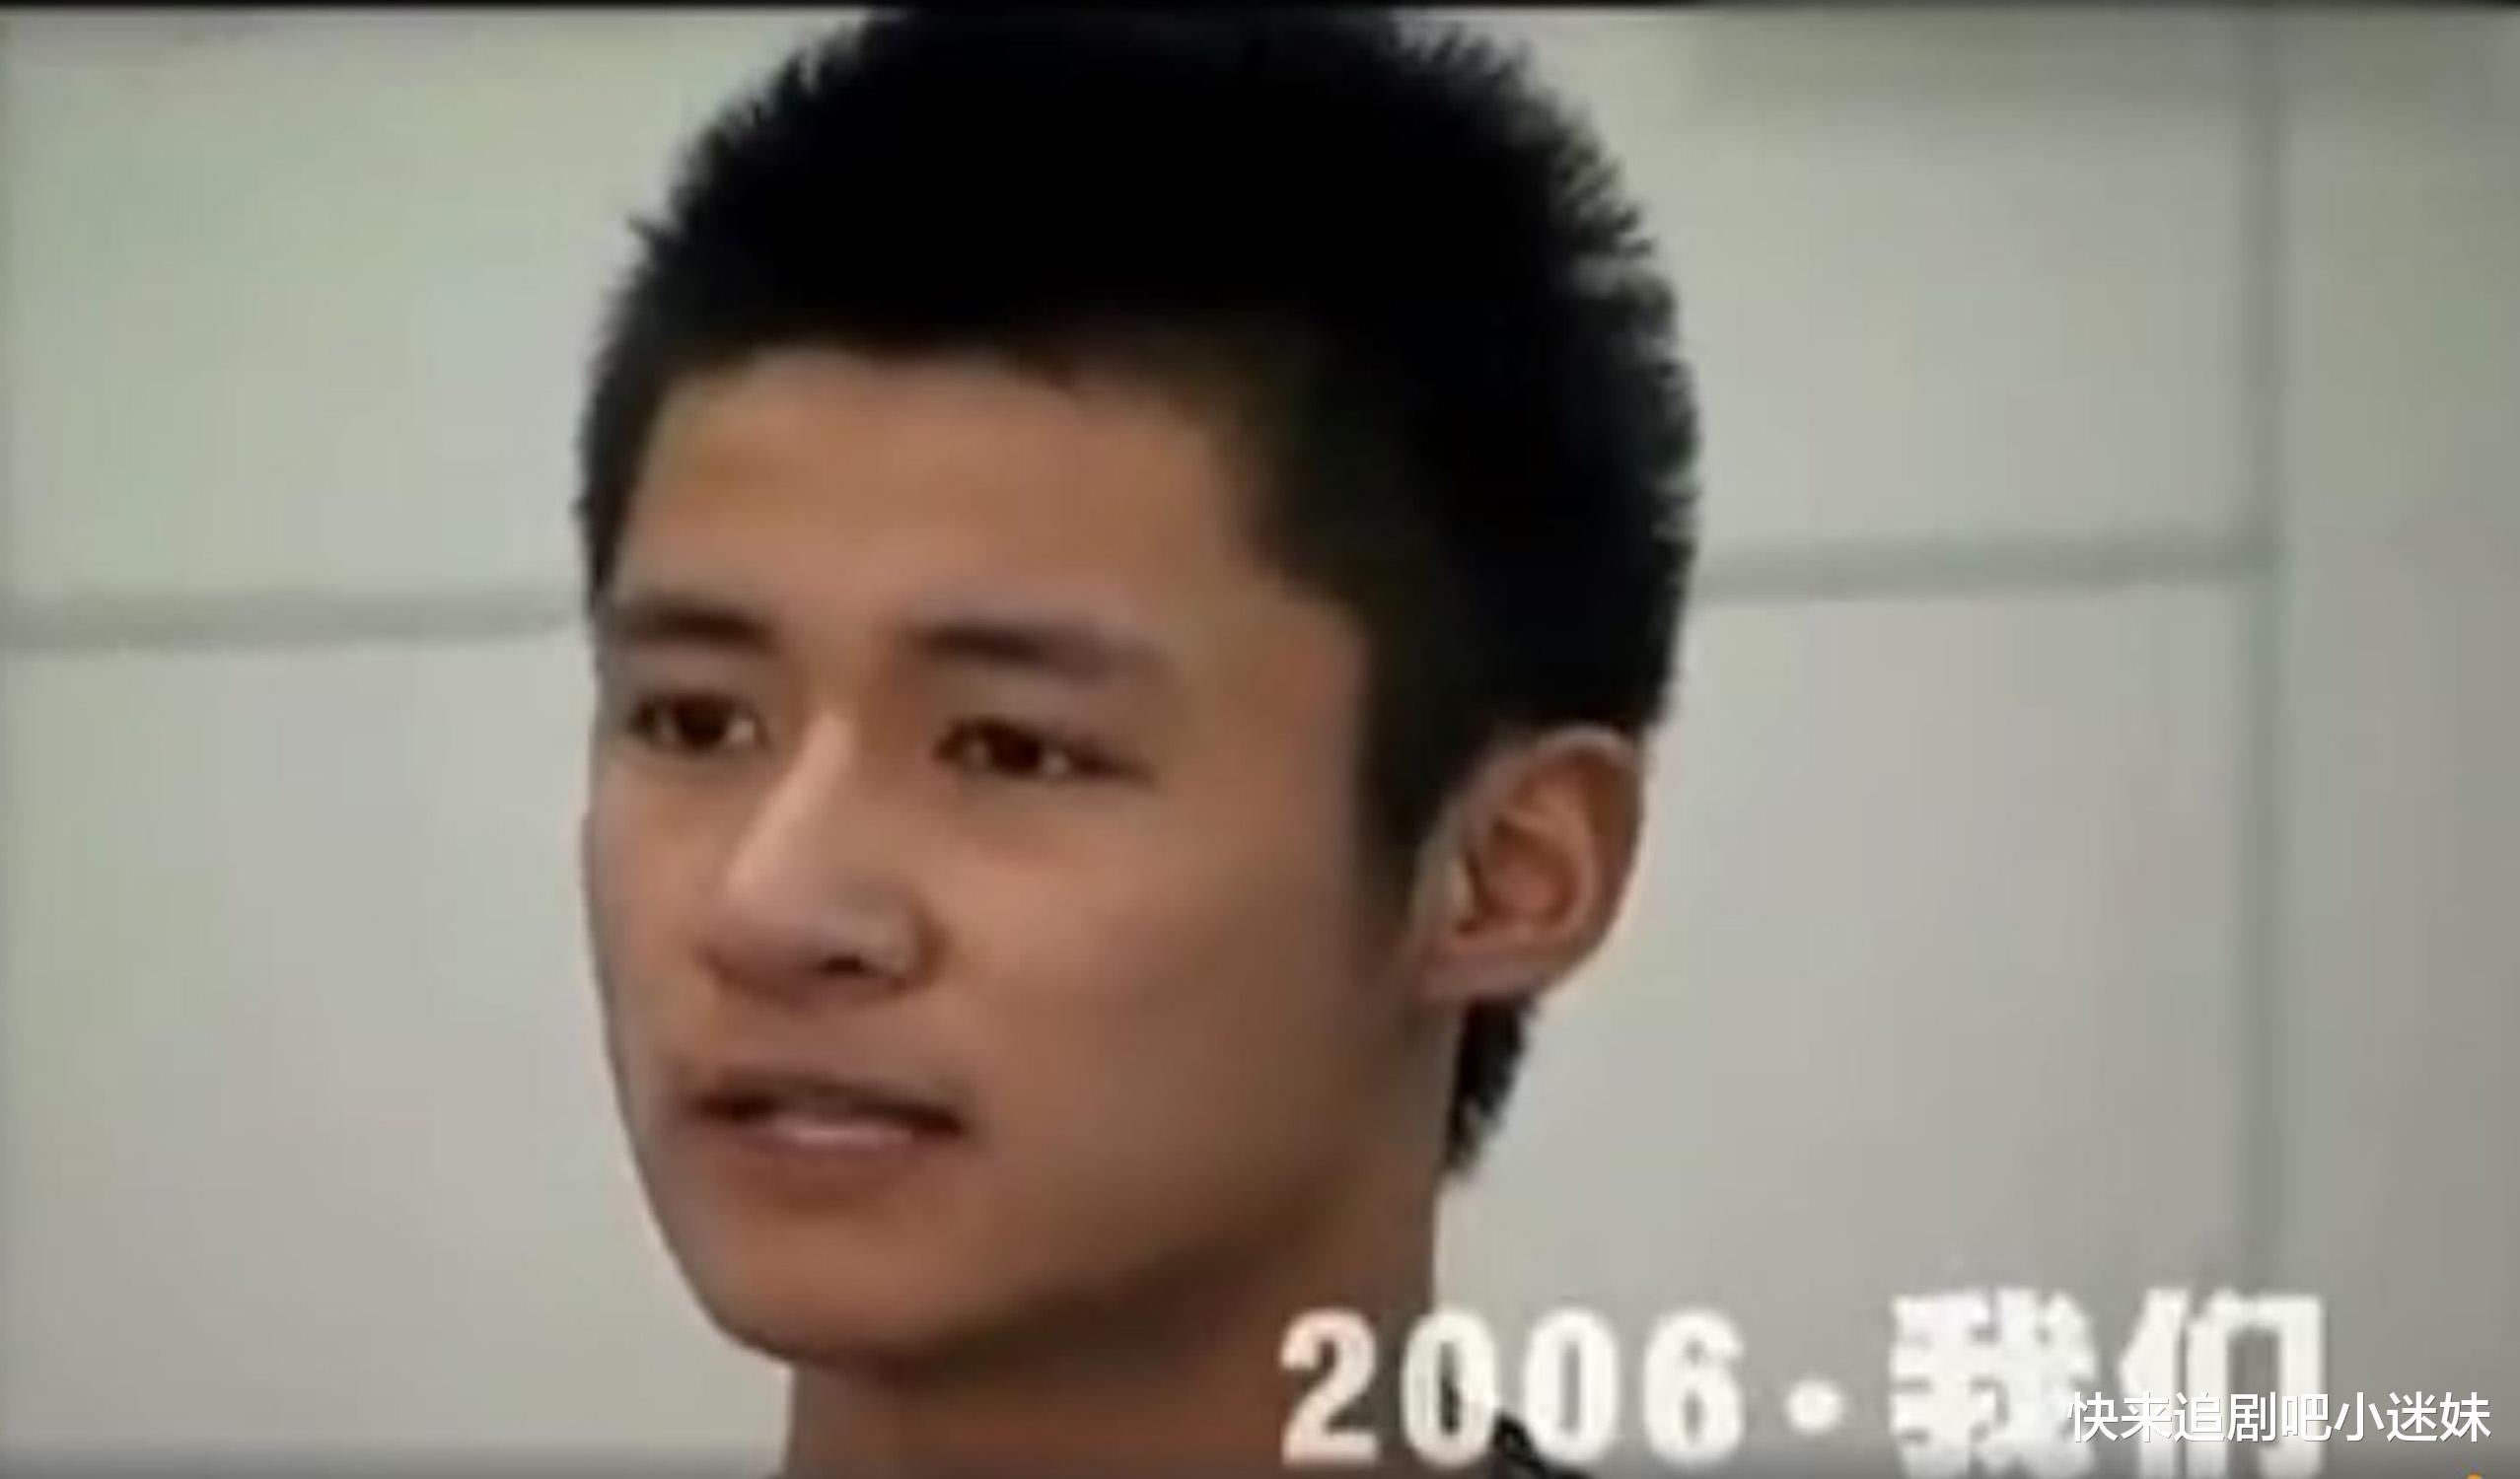 《快本》上演同學會,北電2006級星光暗淡,朱一龍成全班的希望-圖8